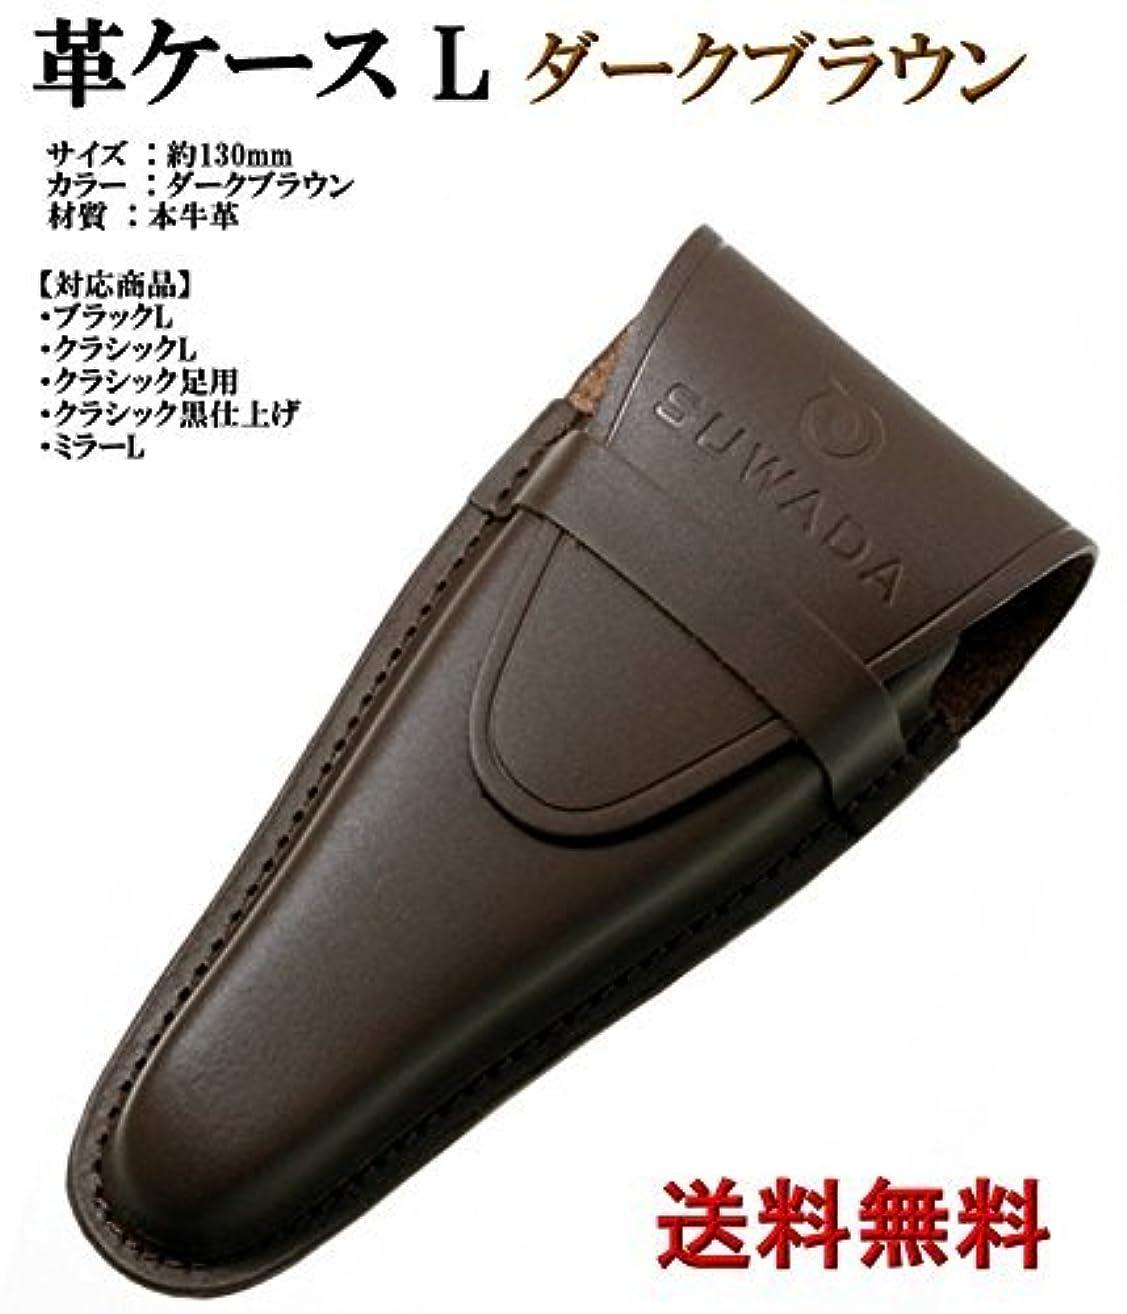 有利サンプルトリクルSUWADA 爪きり用本革ケースL